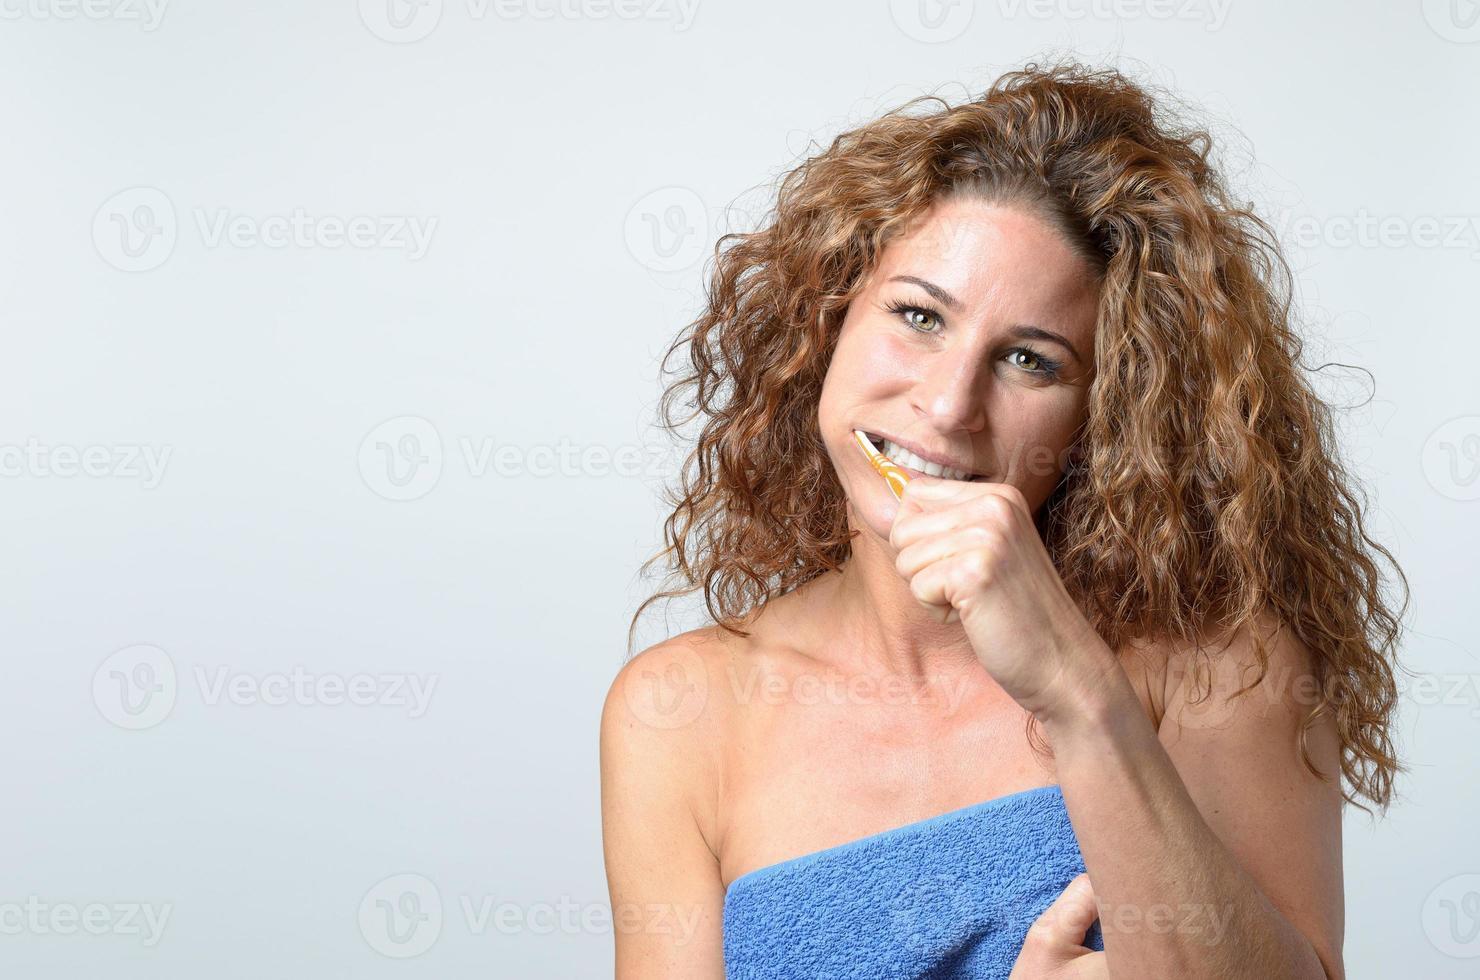 vrouw die haar tanden met een tandenborstel schoonmaakt foto